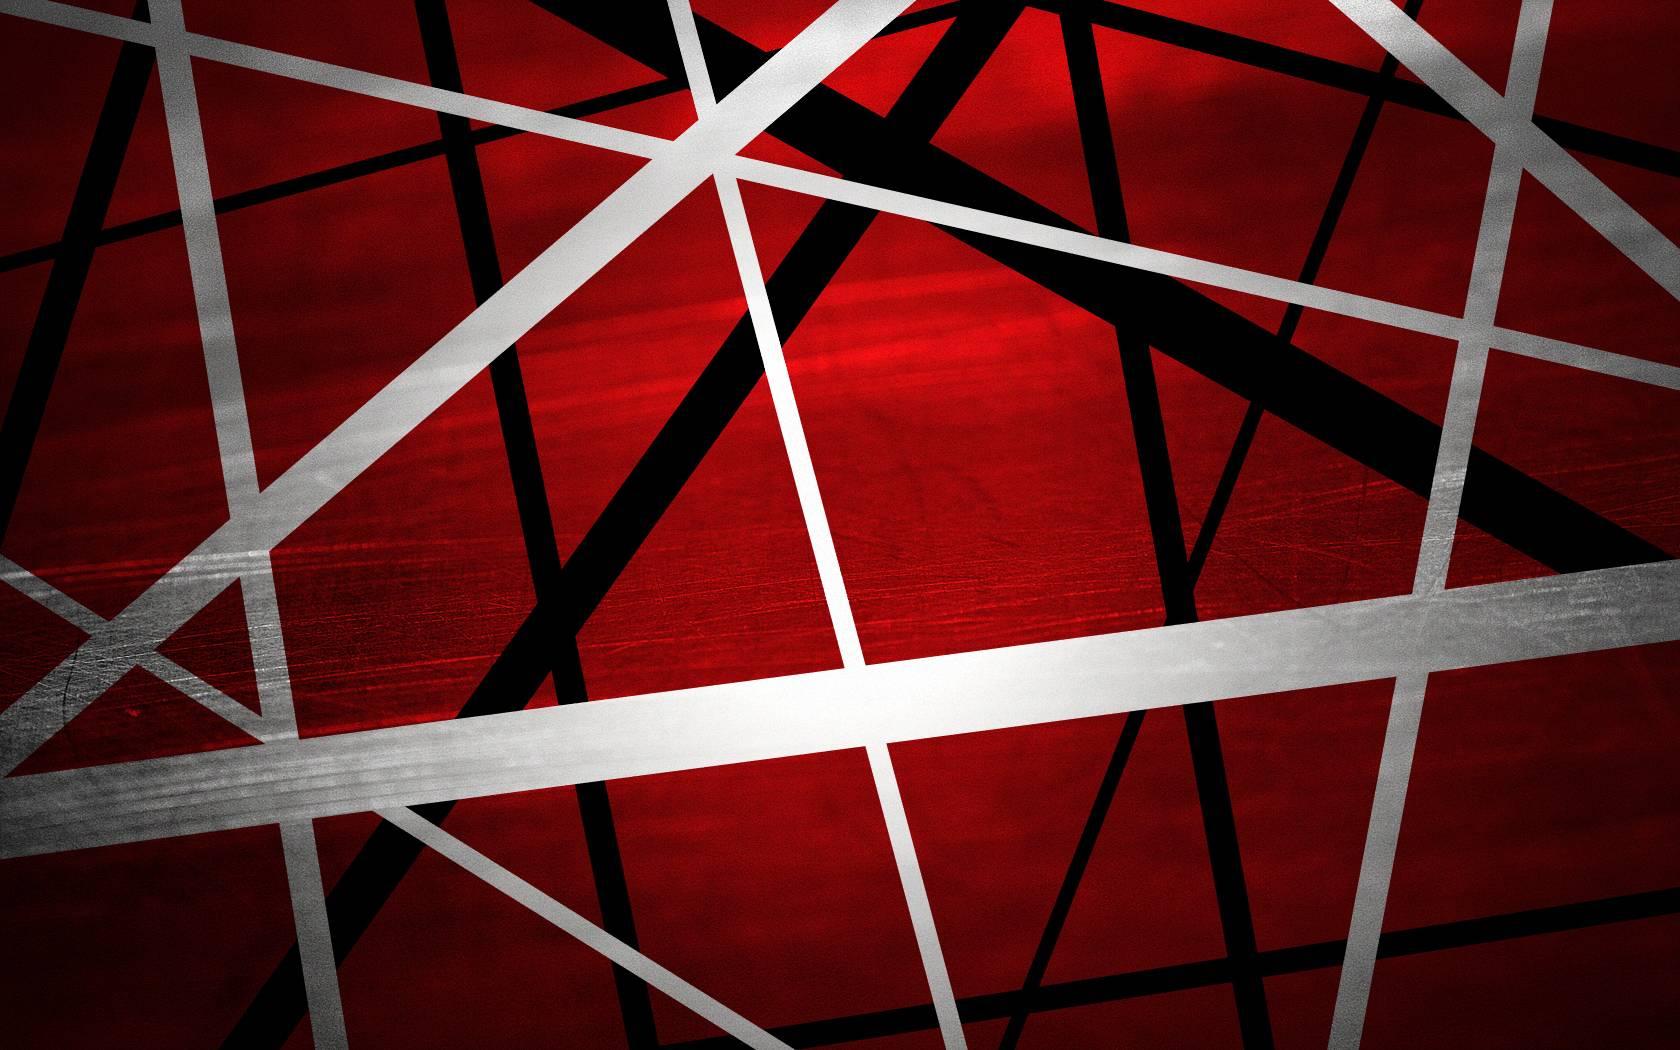 Van halen wallpapers wallpaper cave - Photo of wallpaper ...